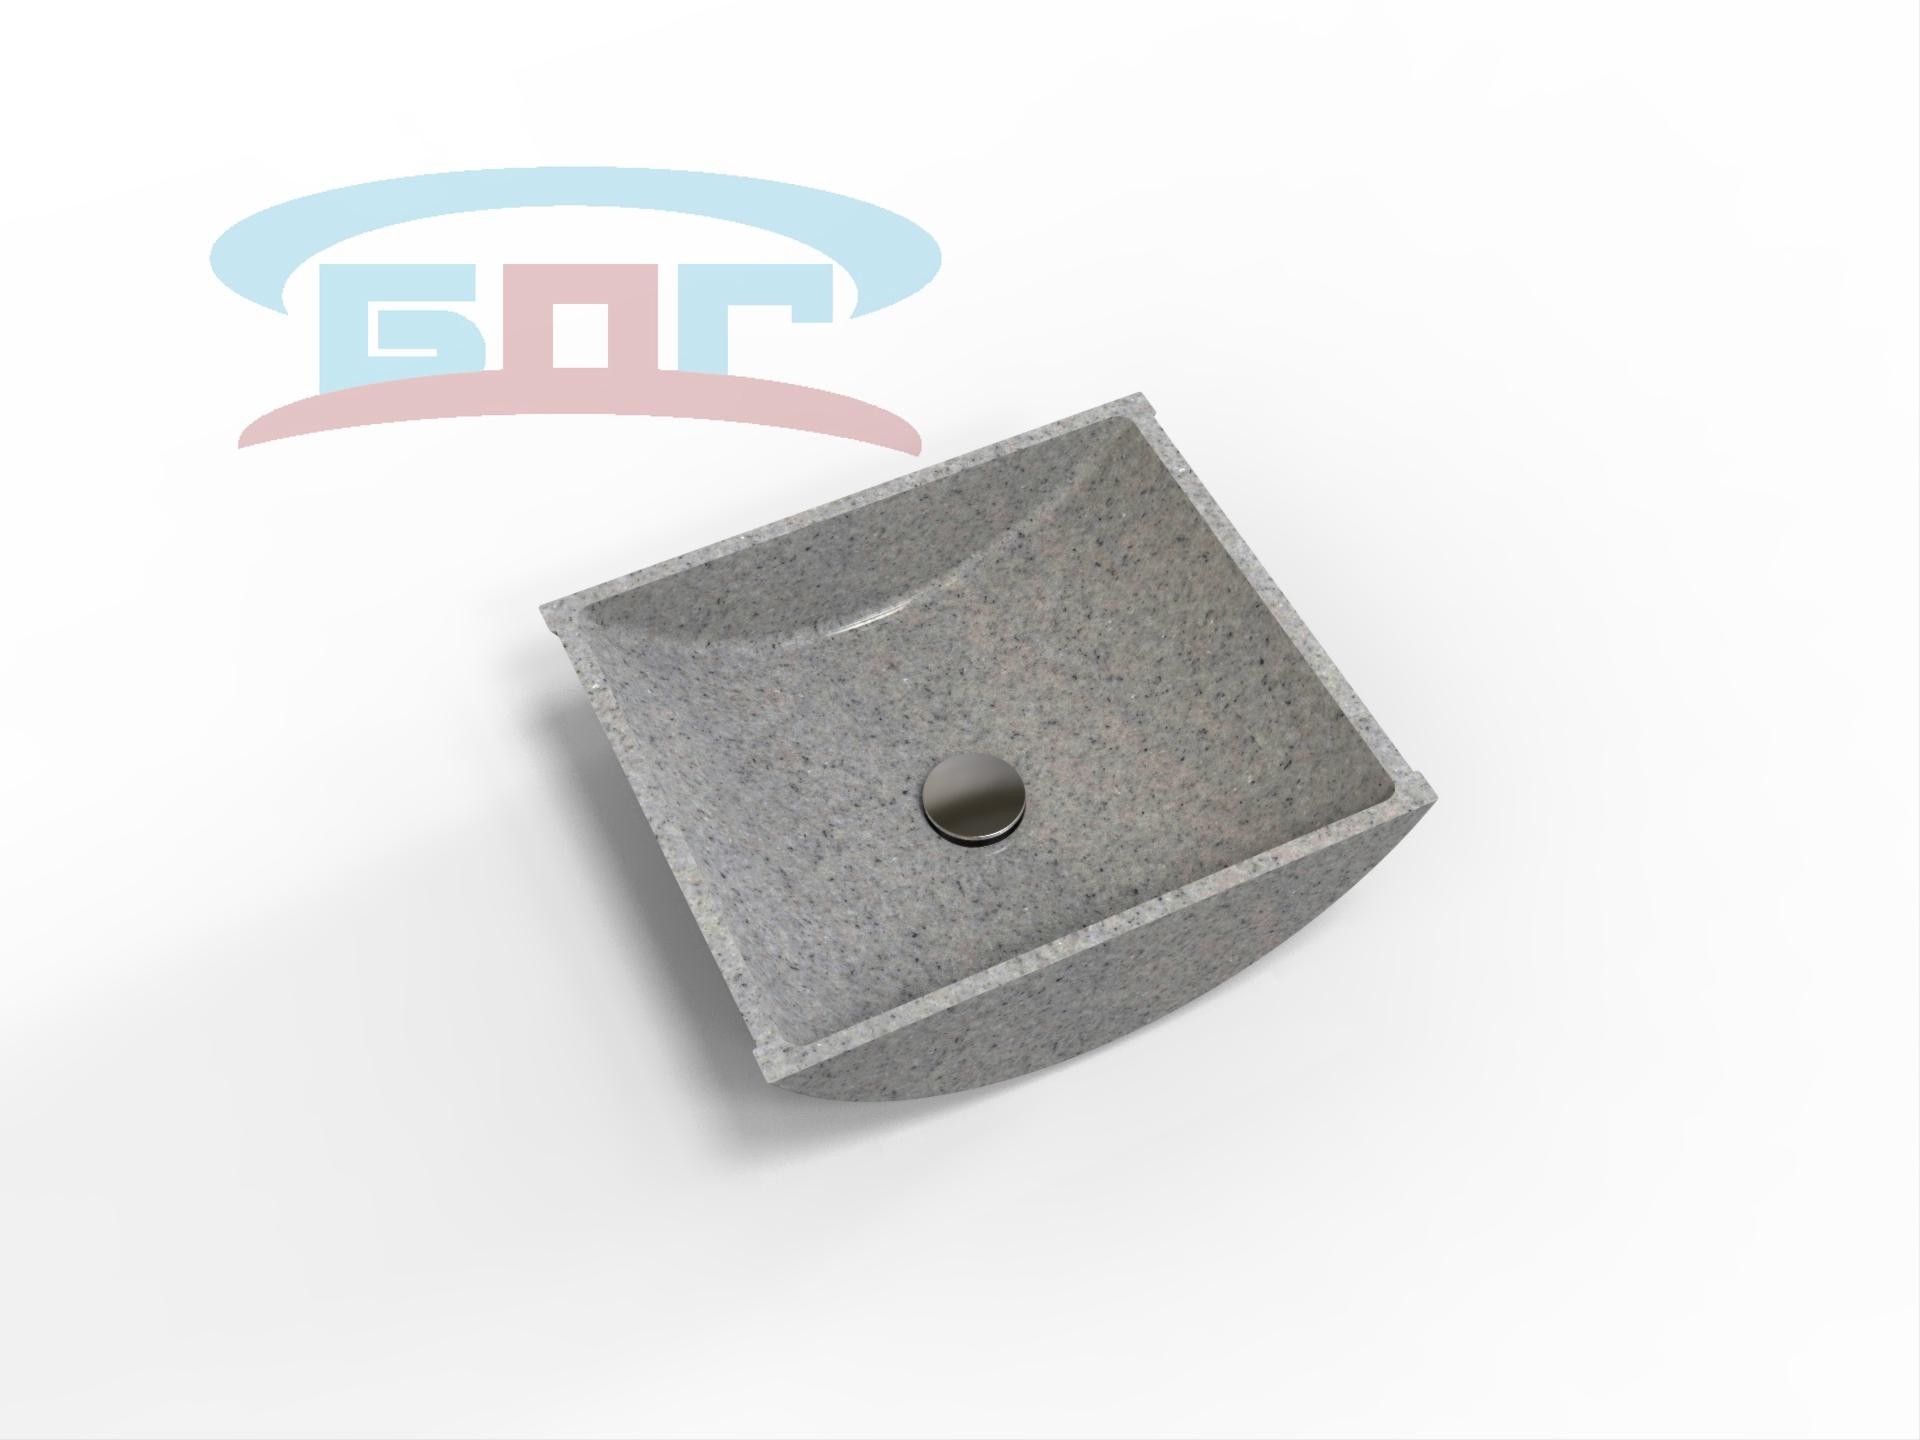 Раковина UK700 Умывальник прямоугольный Монтаж: подстольный или накладной Размеры: X-680мм Y-300мм до 380мм глубина чаши: до 175мм. Мин. ширина мебельного модуля: 700мм.